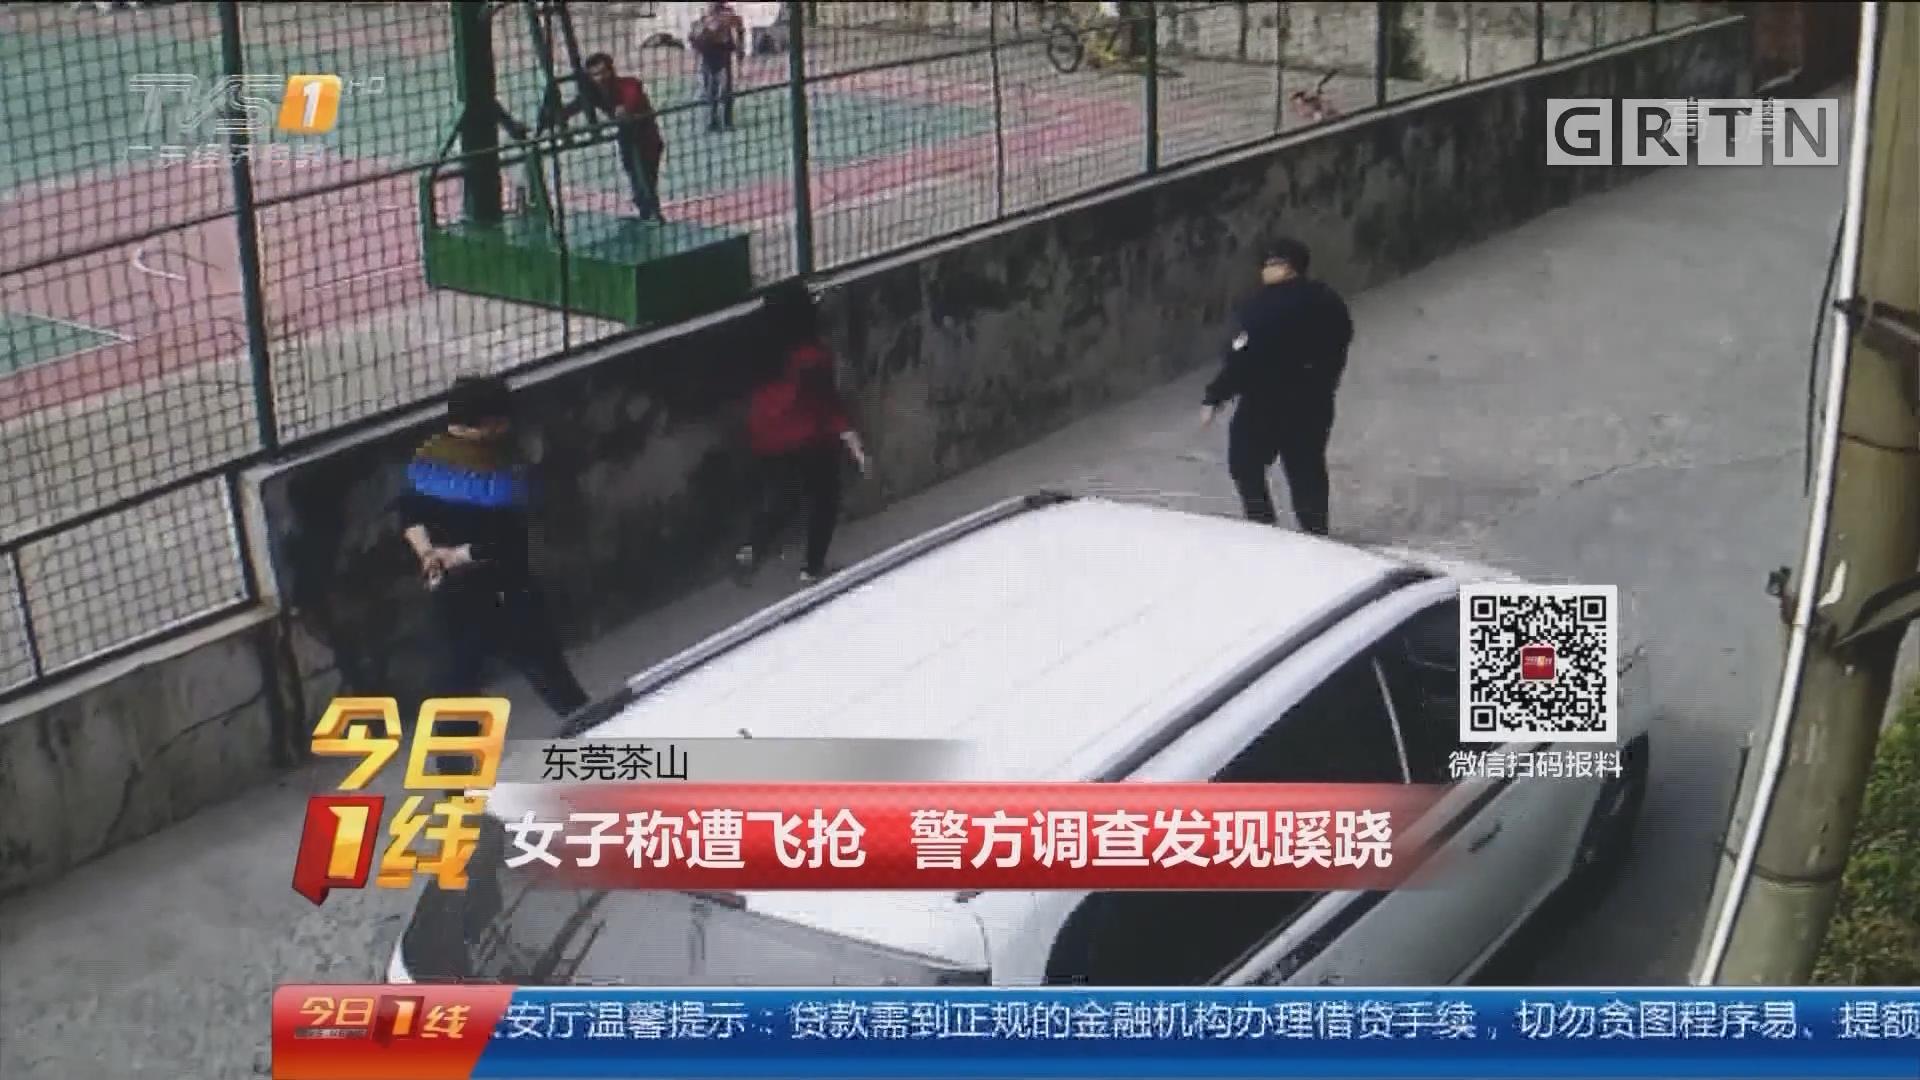 东莞茶山:女子称遭飞抢 警方调查发现蹊跷